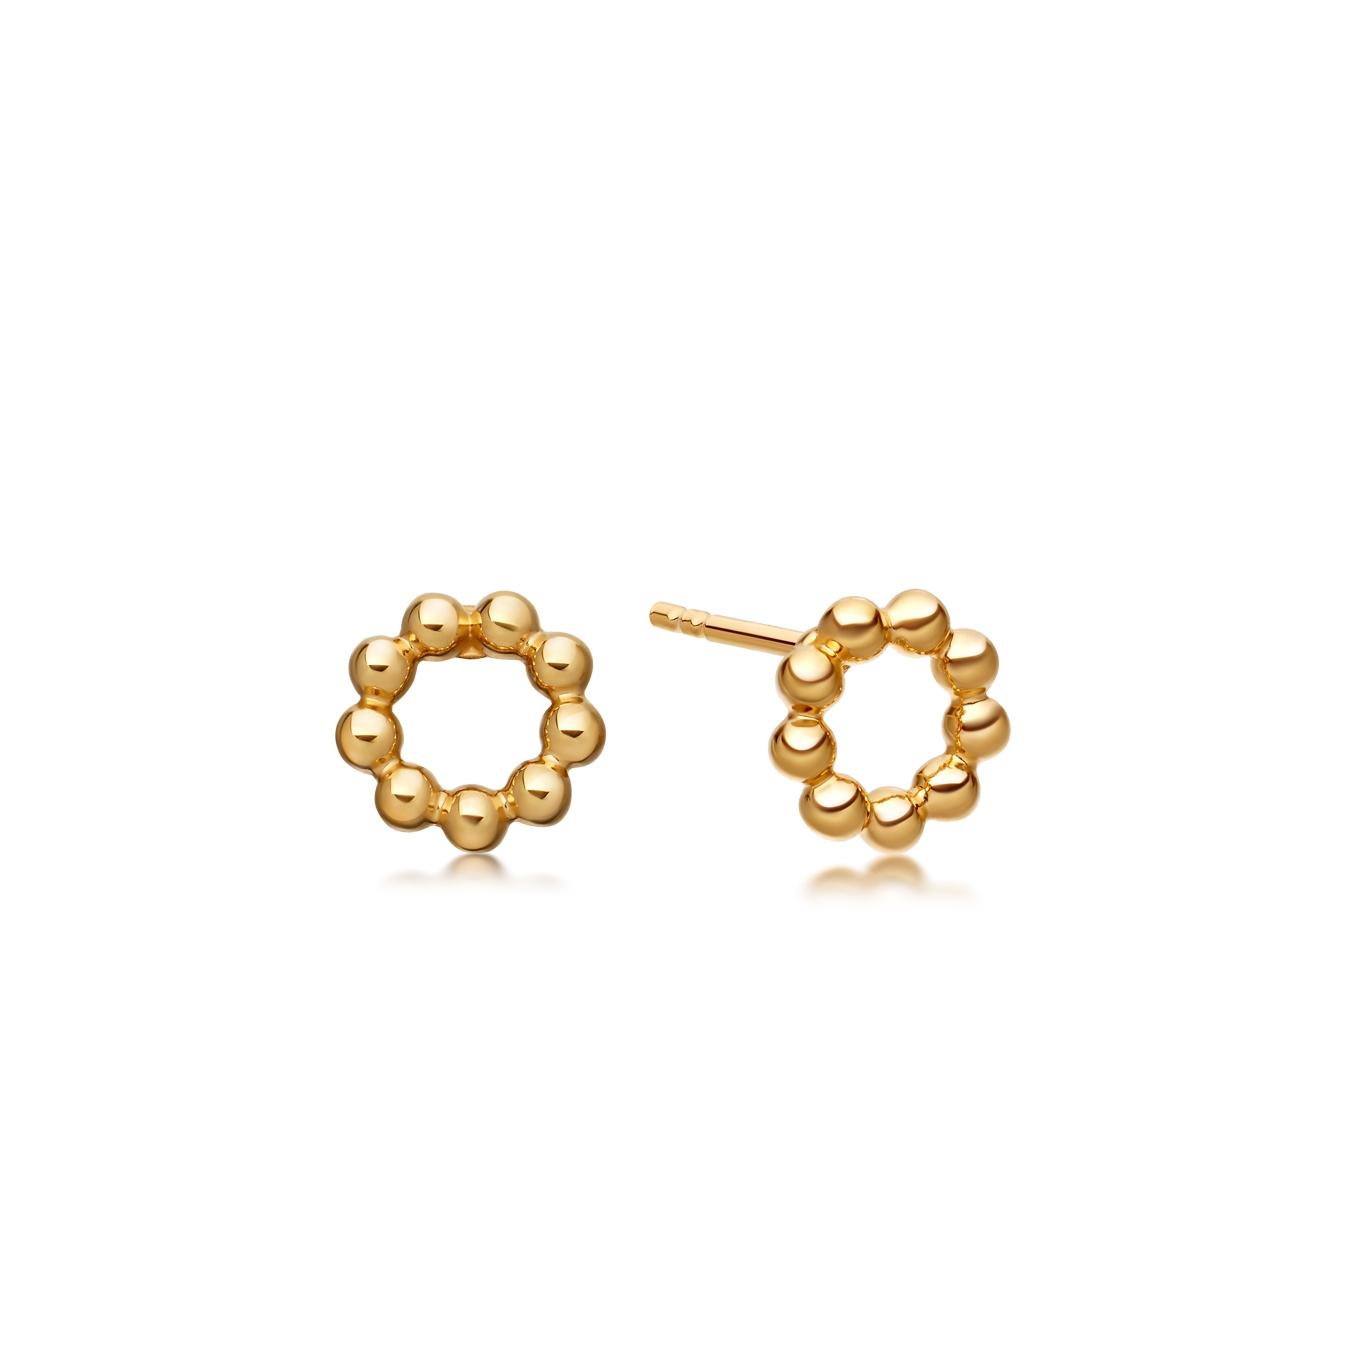 Beaded Stilla Stud Earrings